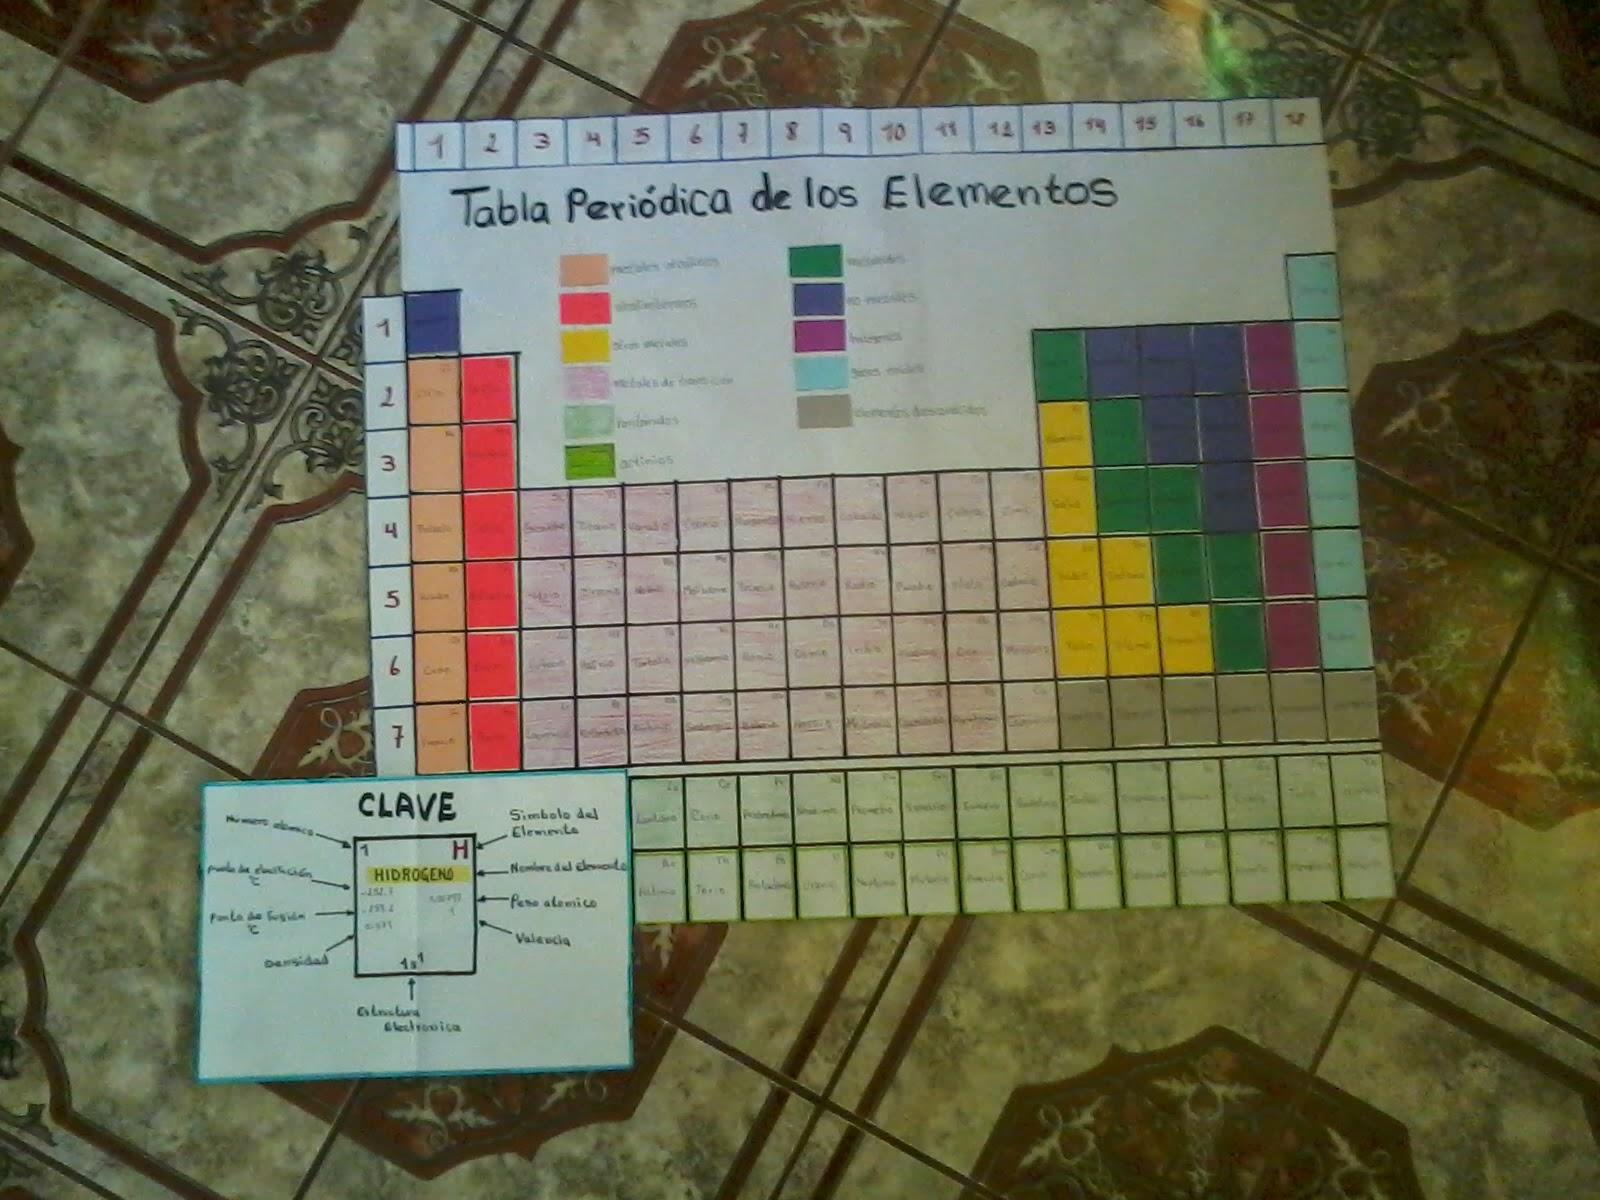 Ciencias naturales clasificacin peridica de los elementos la tabla peridica de los elementos clasifica organiza y distribuye los distintos elementos qumicos conforme a sus propiedades y caractersticas urtaz Choice Image